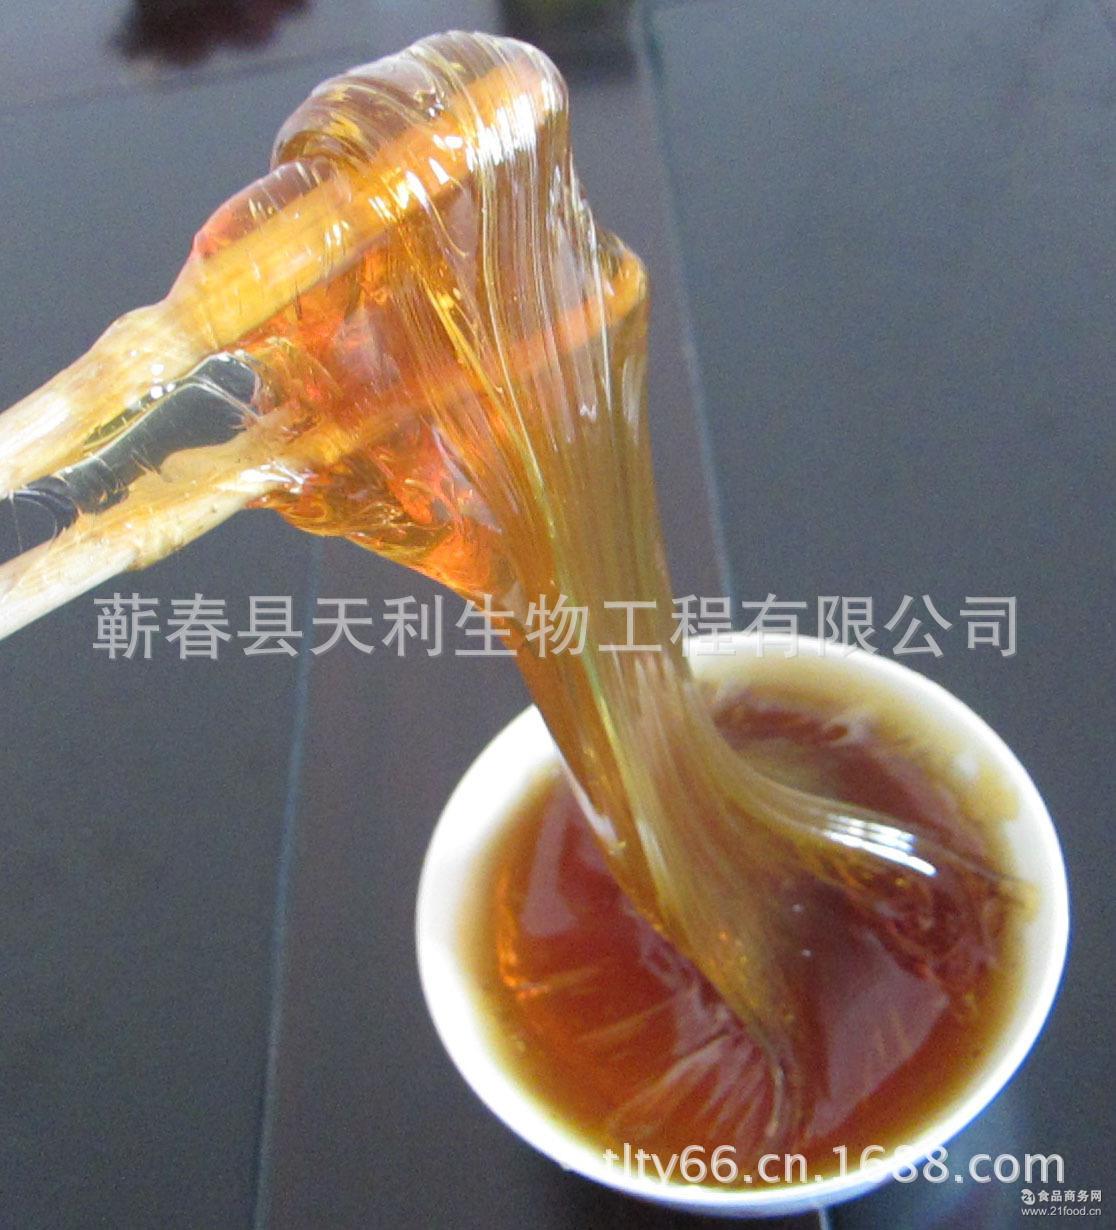 口感纯正无添加 饴糖 传统工艺 生产厂家直供优质麦芽糖 糖稀